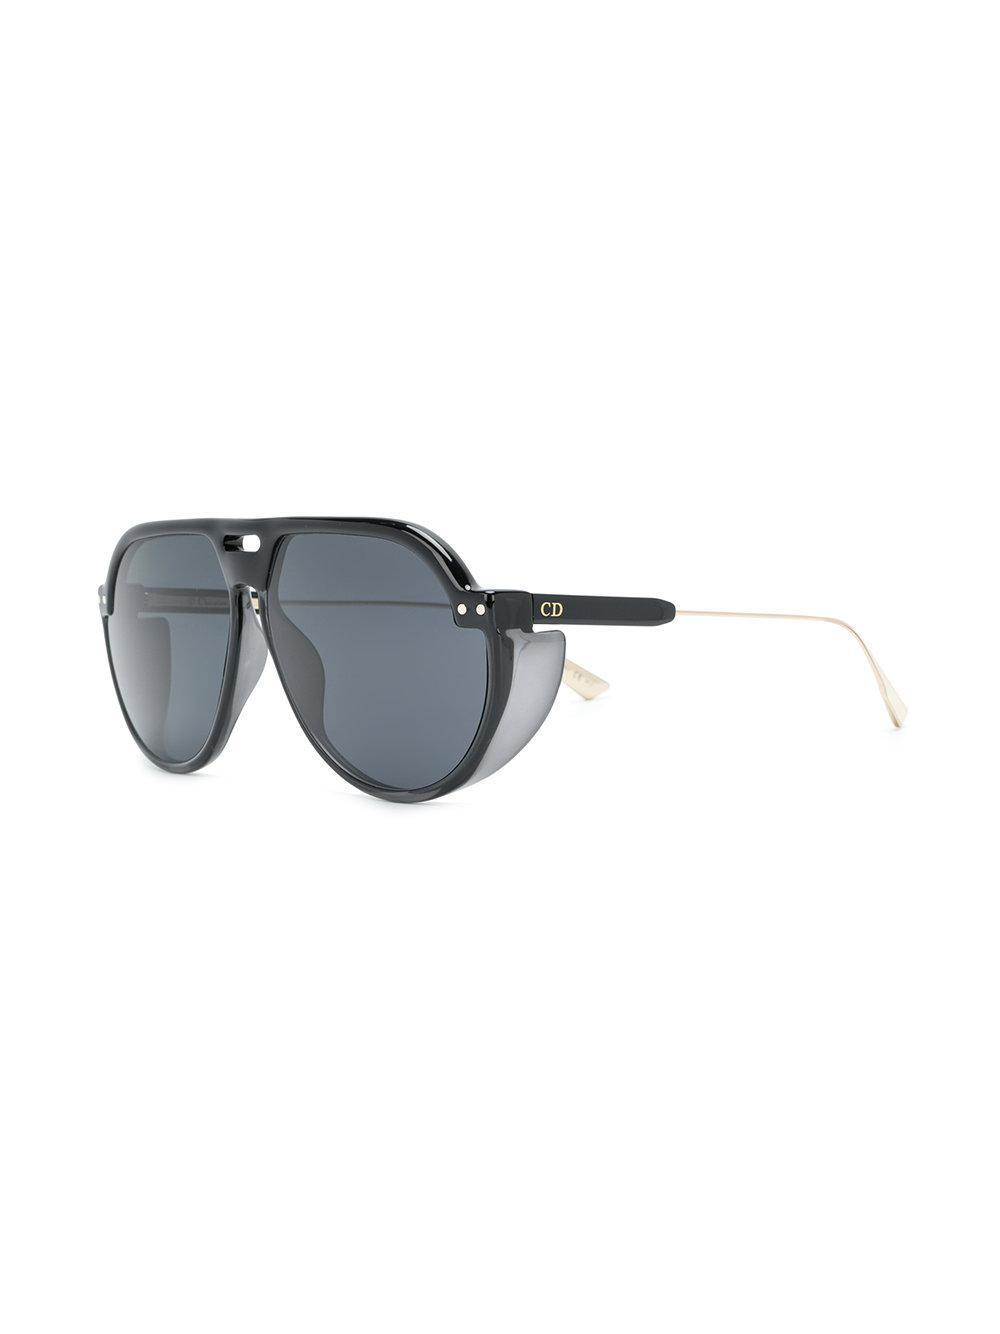 f9d9f08c59 Dior Dior Club 3 Sunglasses in Black - Lyst